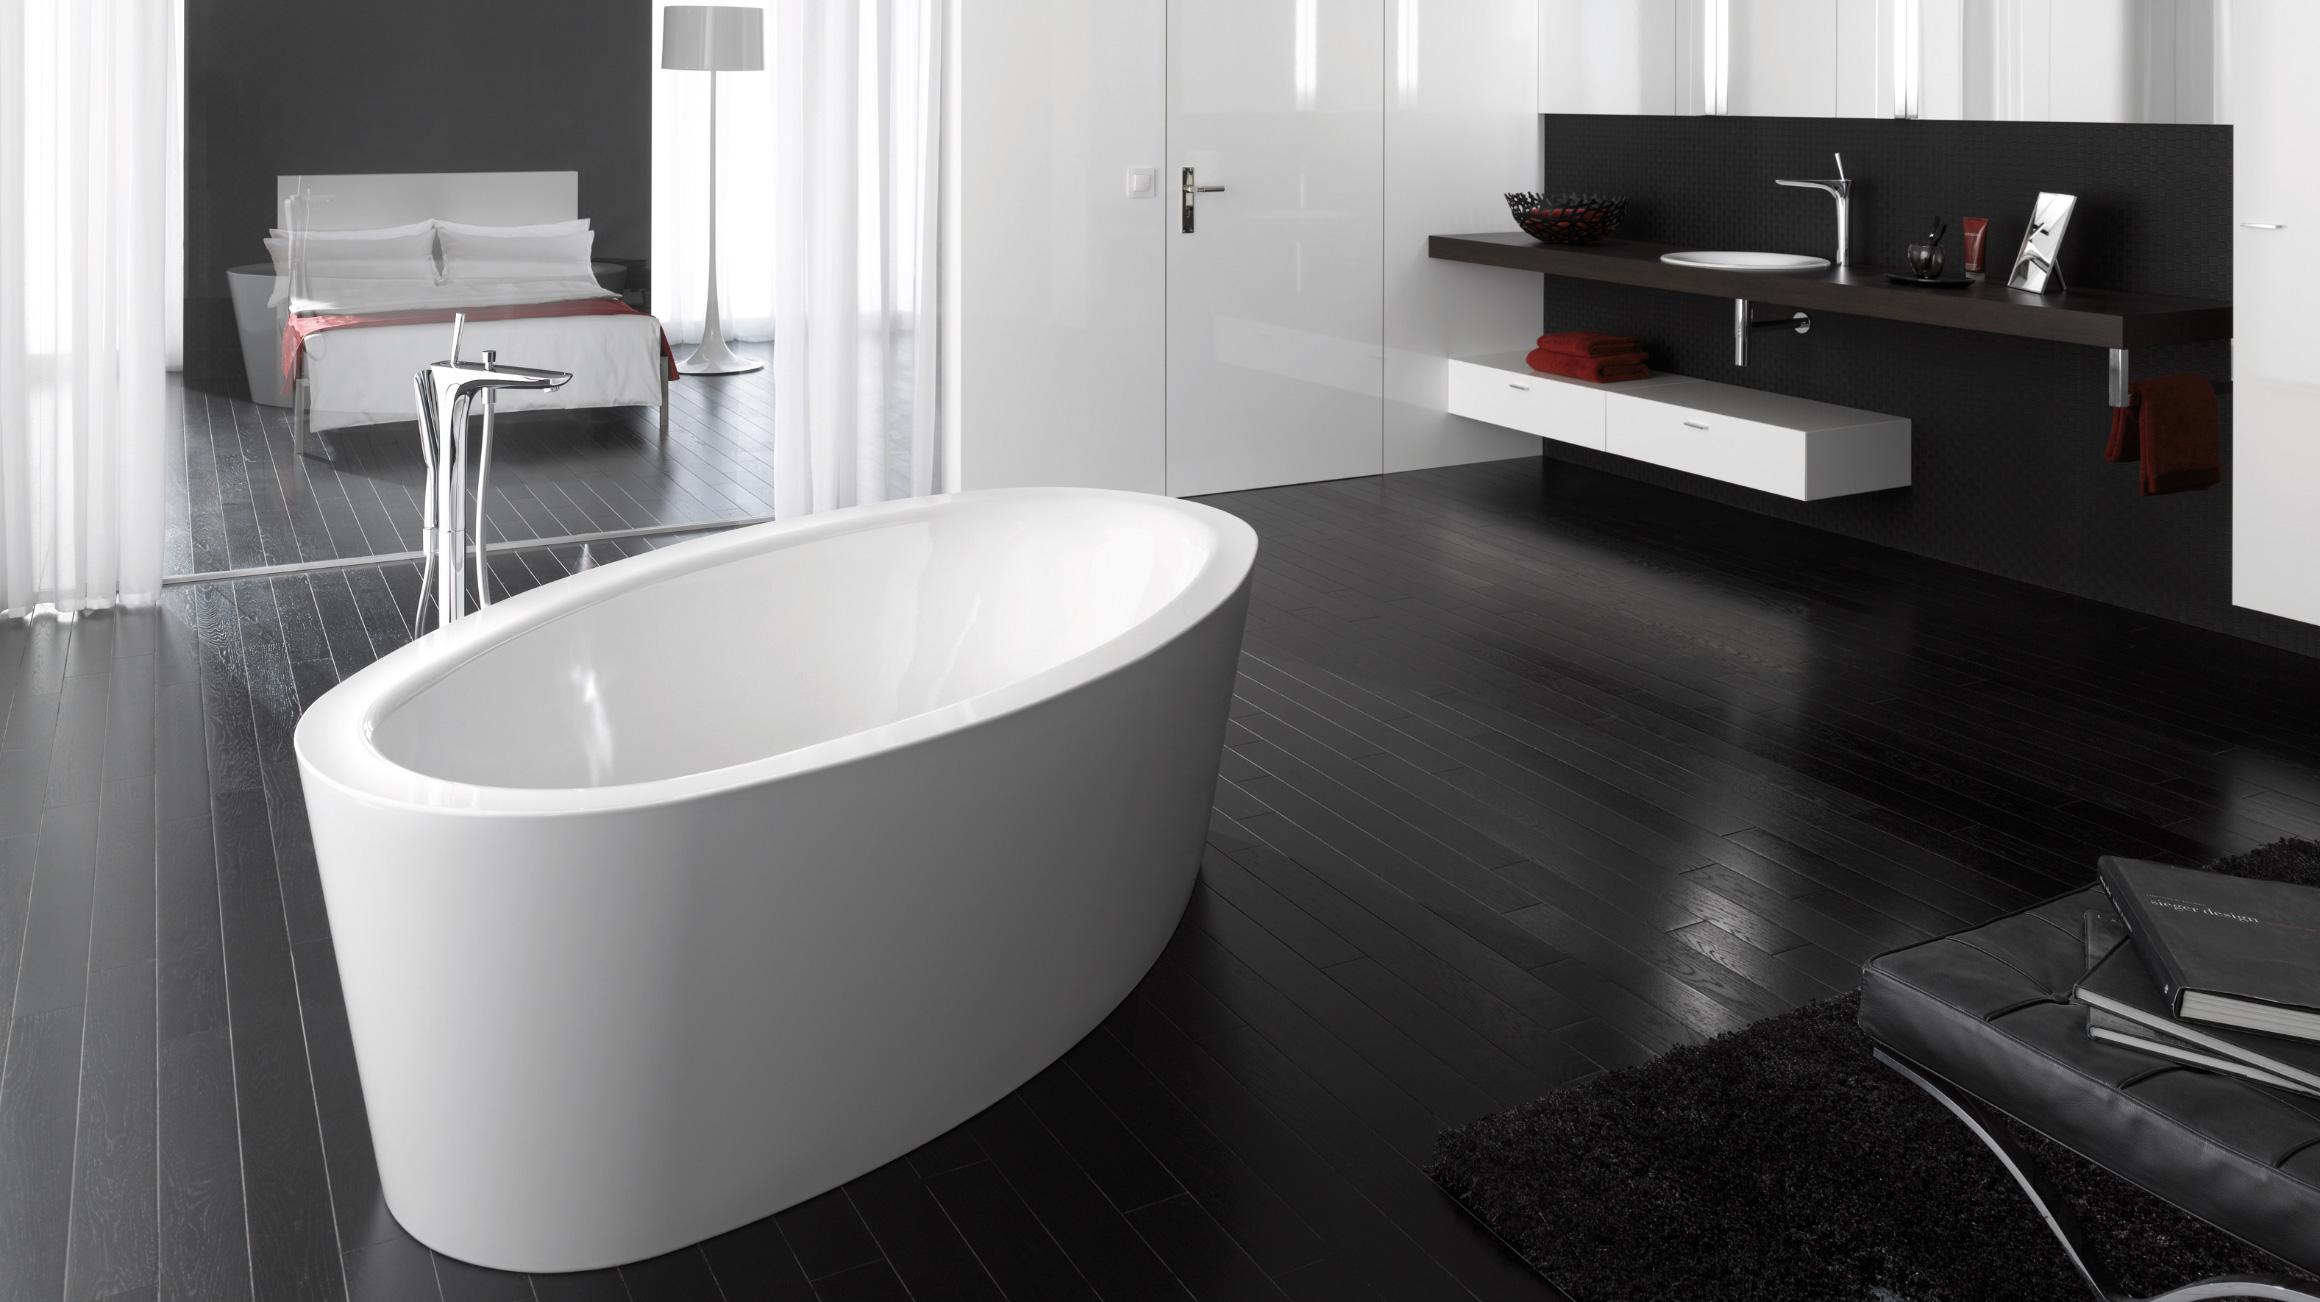 Perfekt Salle De Bain Design Classique Avec Baignoire Individuelle.